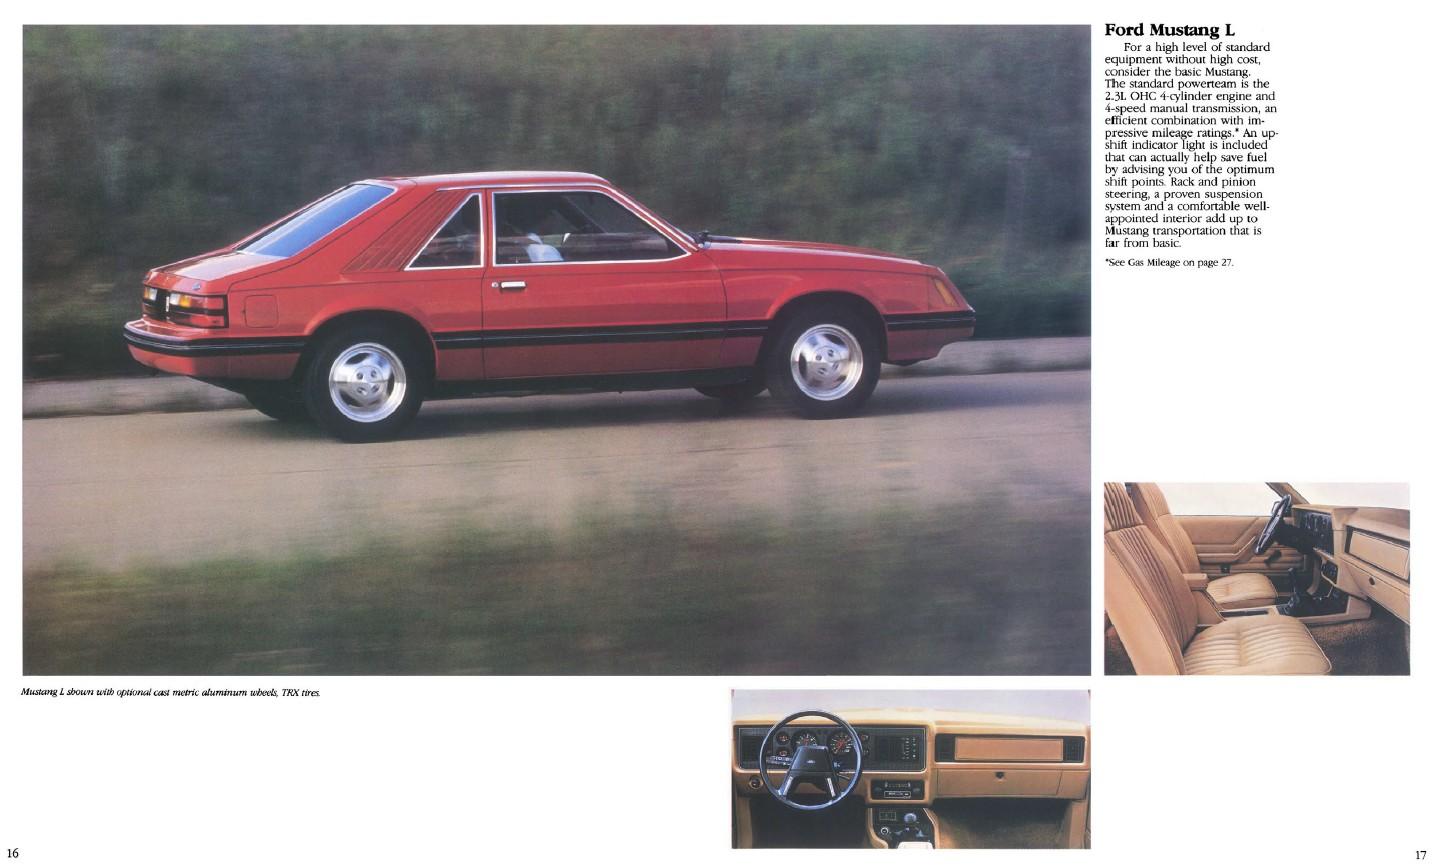 1984-ford-mustang-brochure-10.jpg